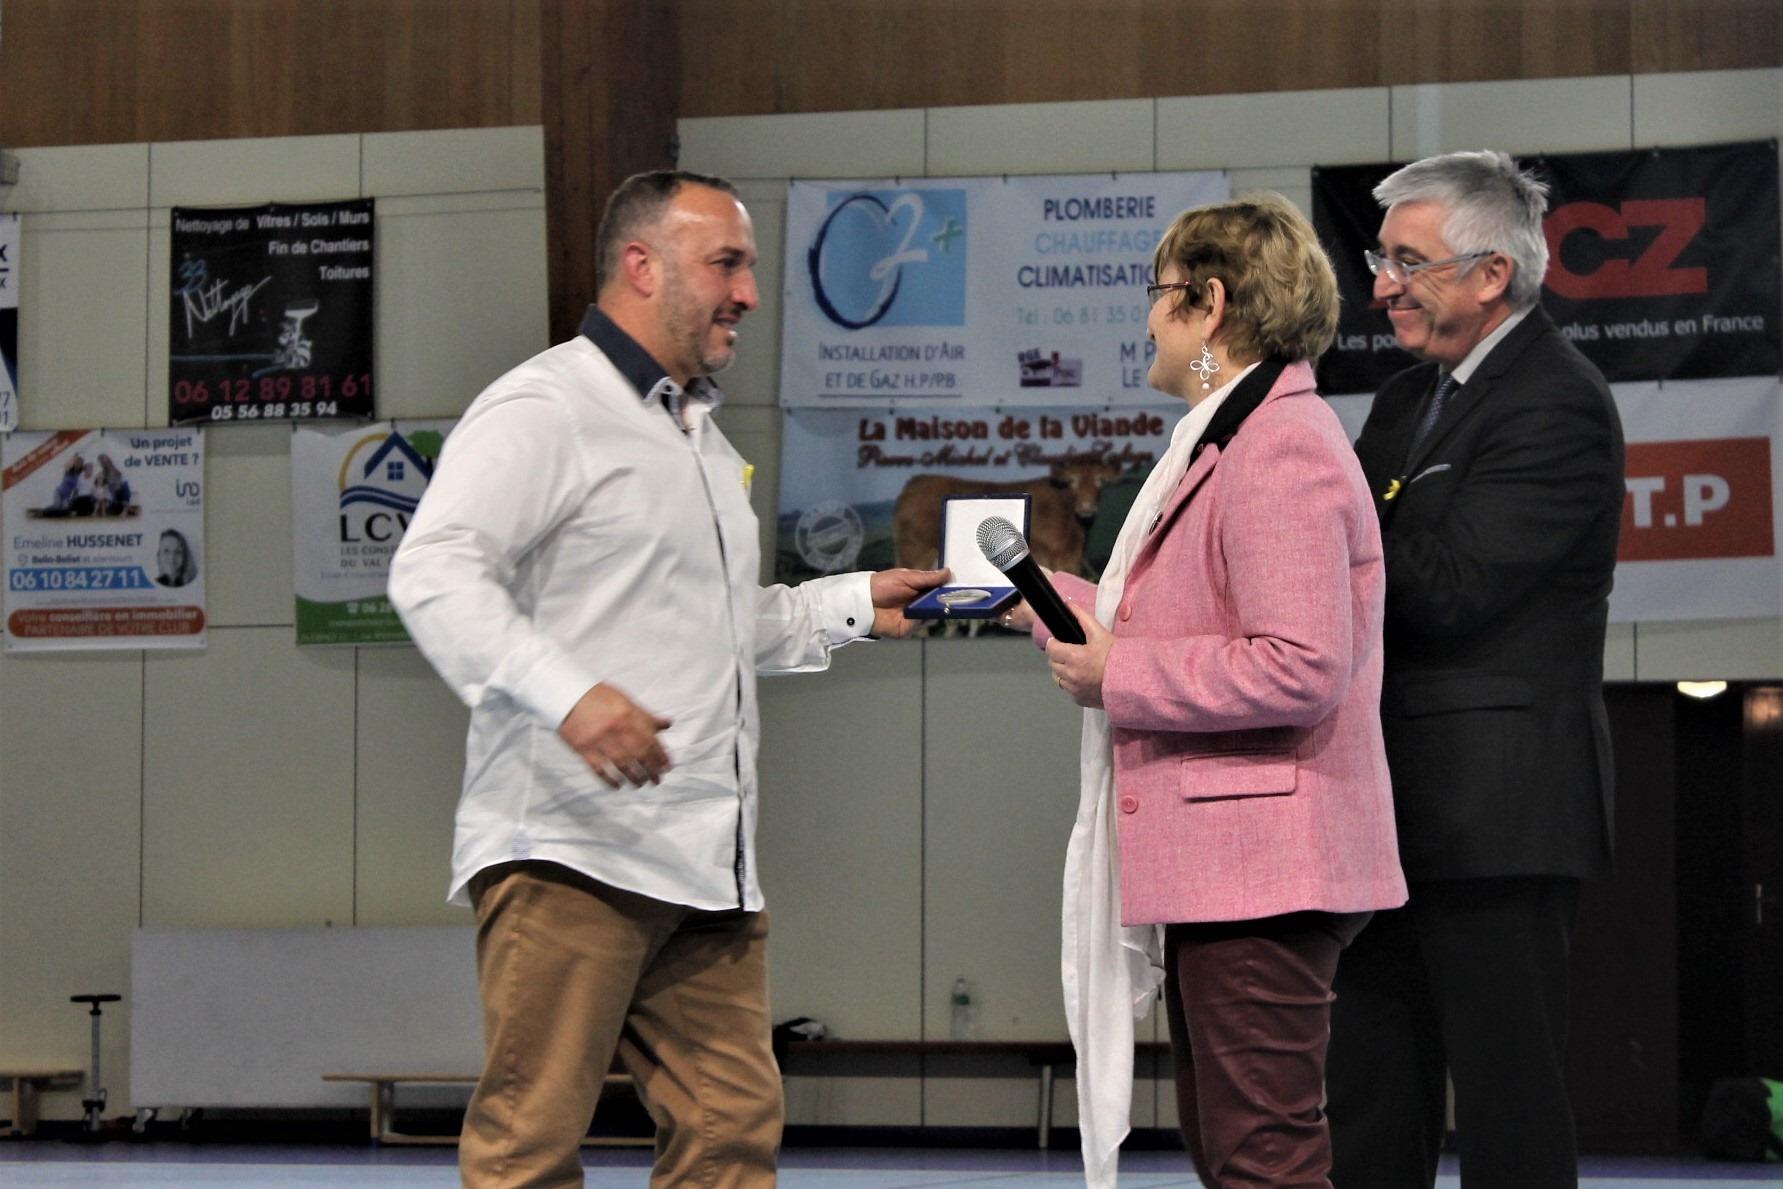 Ému et à l'attention du club, le président Buttignol a reçu la médaille de la citoyenneté du Sénat des mains de la sénatrice Laurence Harribey.